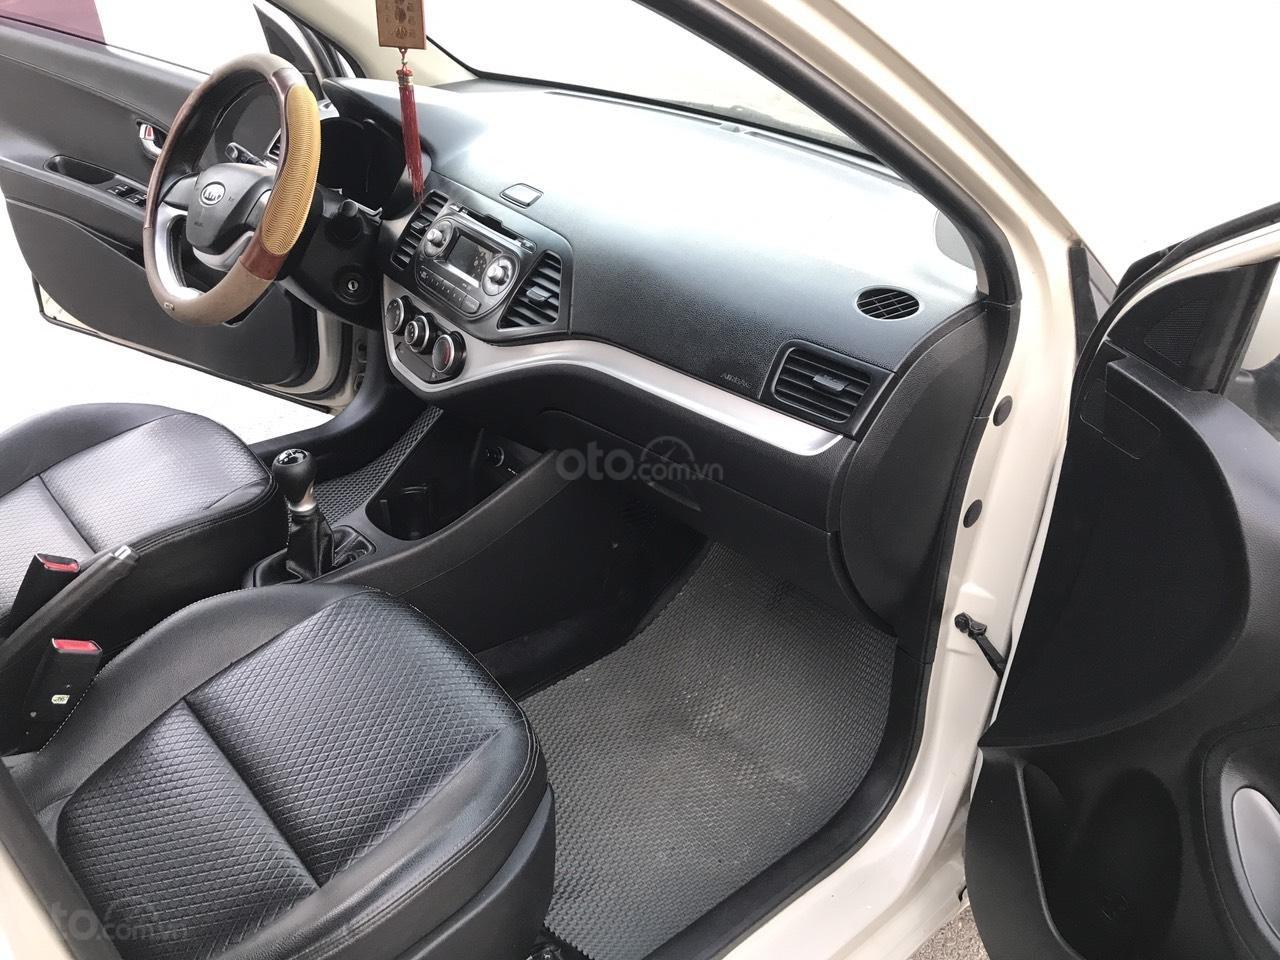 Cần bán xe Kia Morning 1.0MT Sport đời 2011, màu kem (be), nhập khẩu, xe cực tuyển (7)